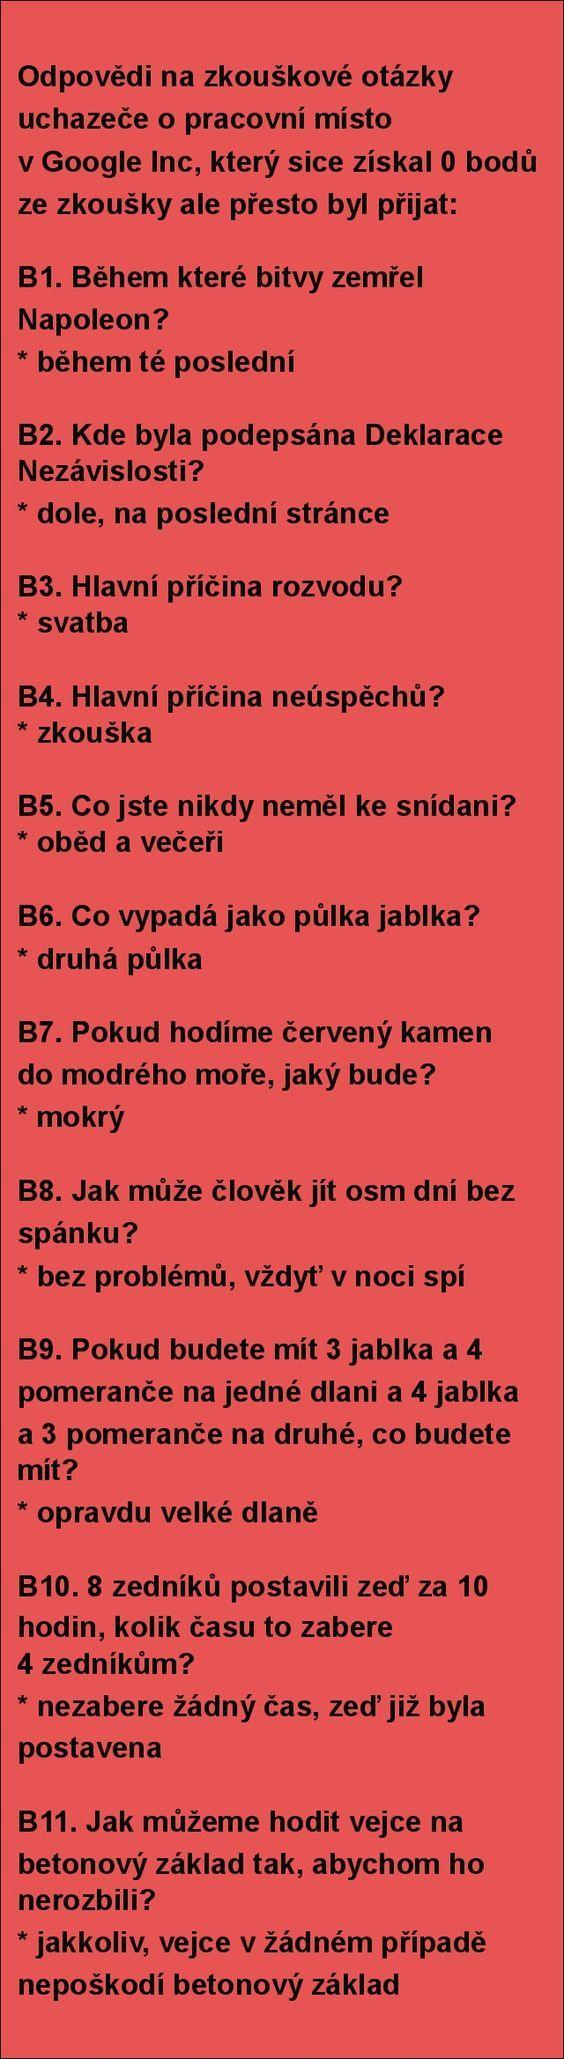 Odpovědi na zkouškové otázky uchazeče o pracovní..   torpeda.cz - vtipné obrázky, vtipy a videa